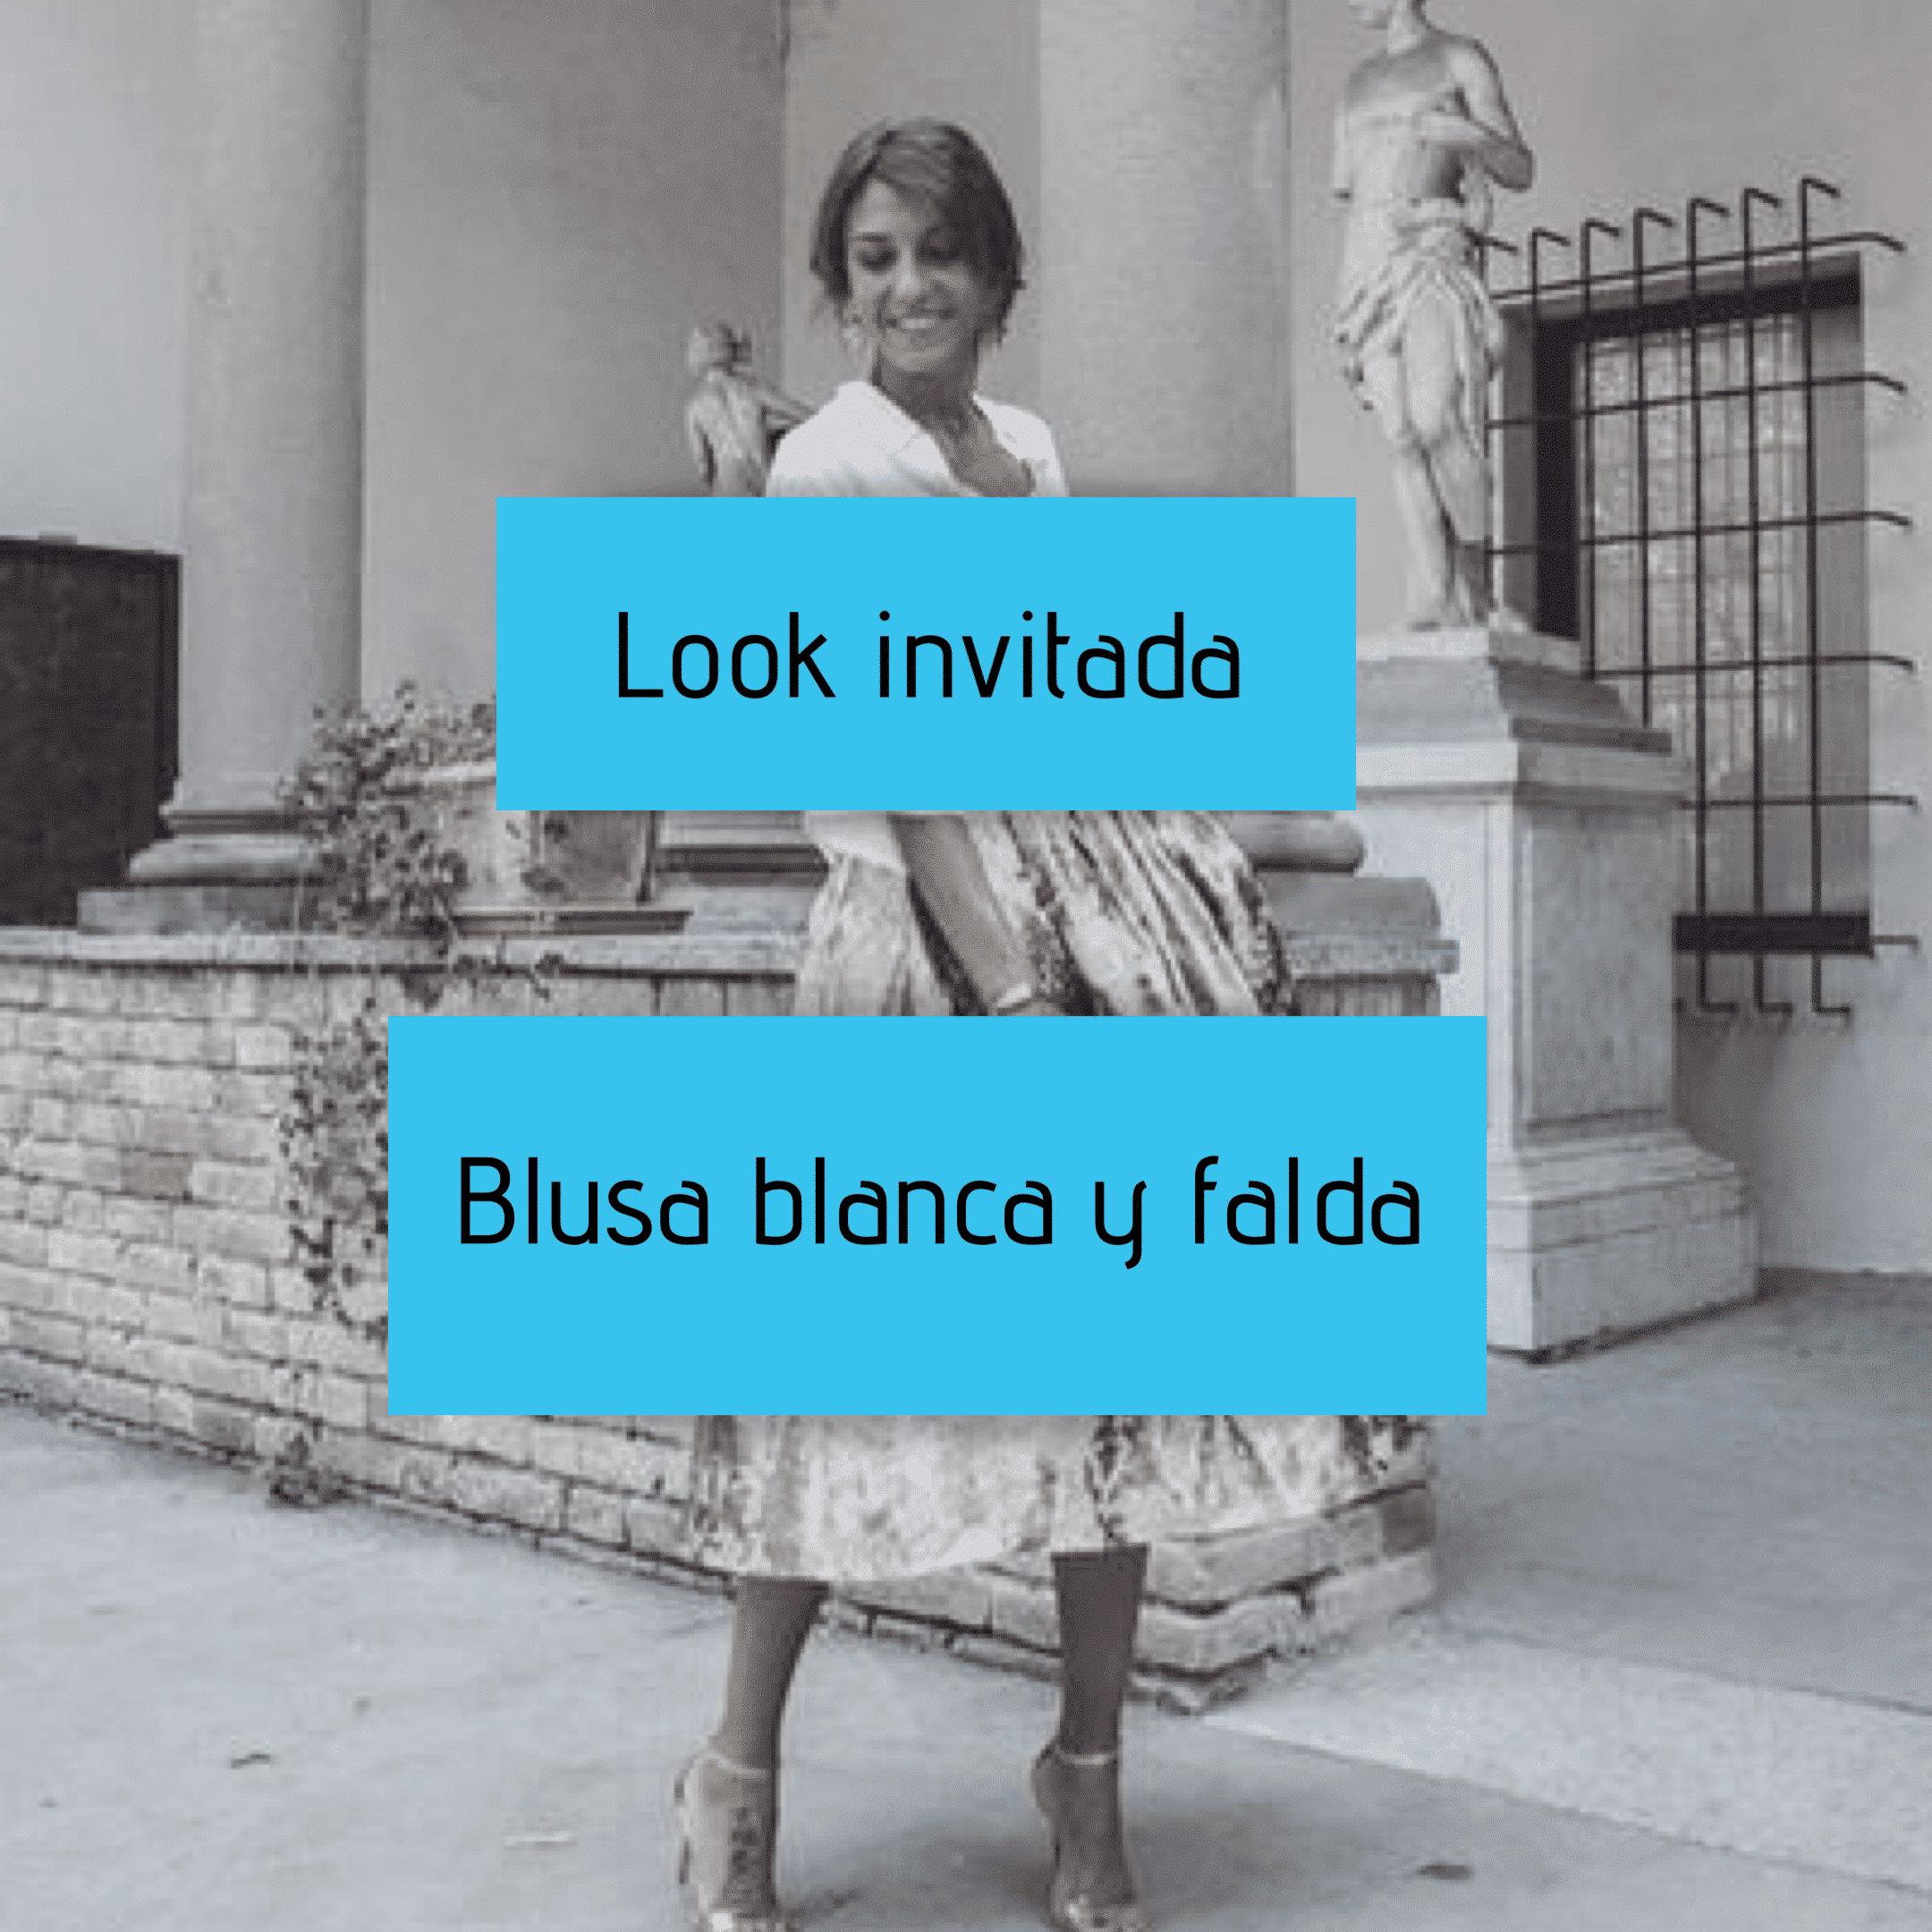 Look invitada- blusa blanca y falda